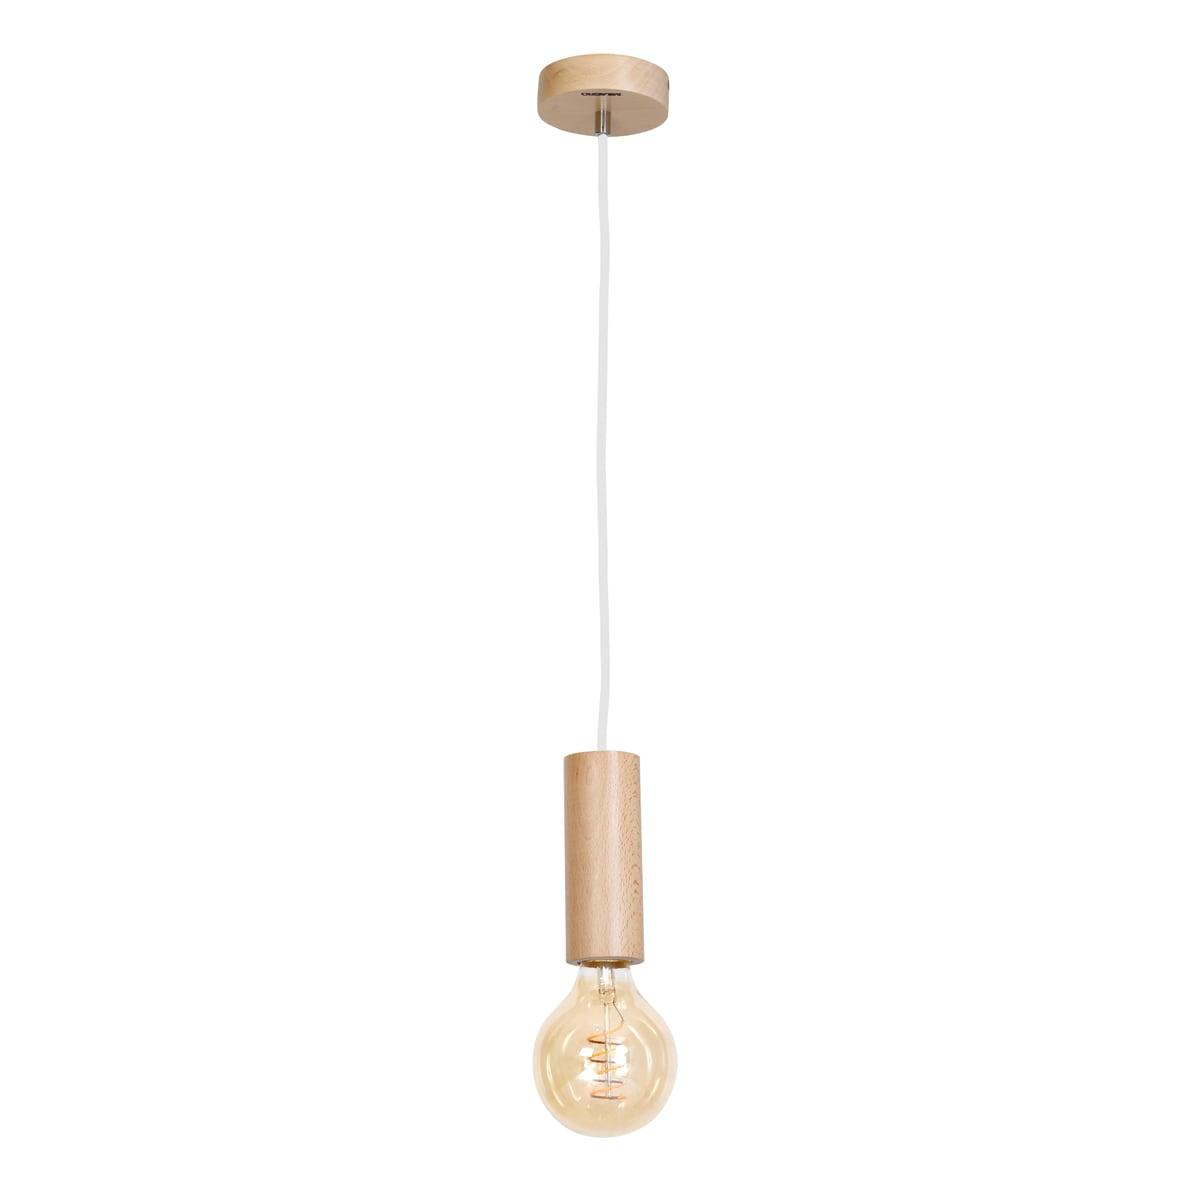 Závěsná svítilna Milagro BOSCO 611 Přírodní dřevo 1xE27 40W